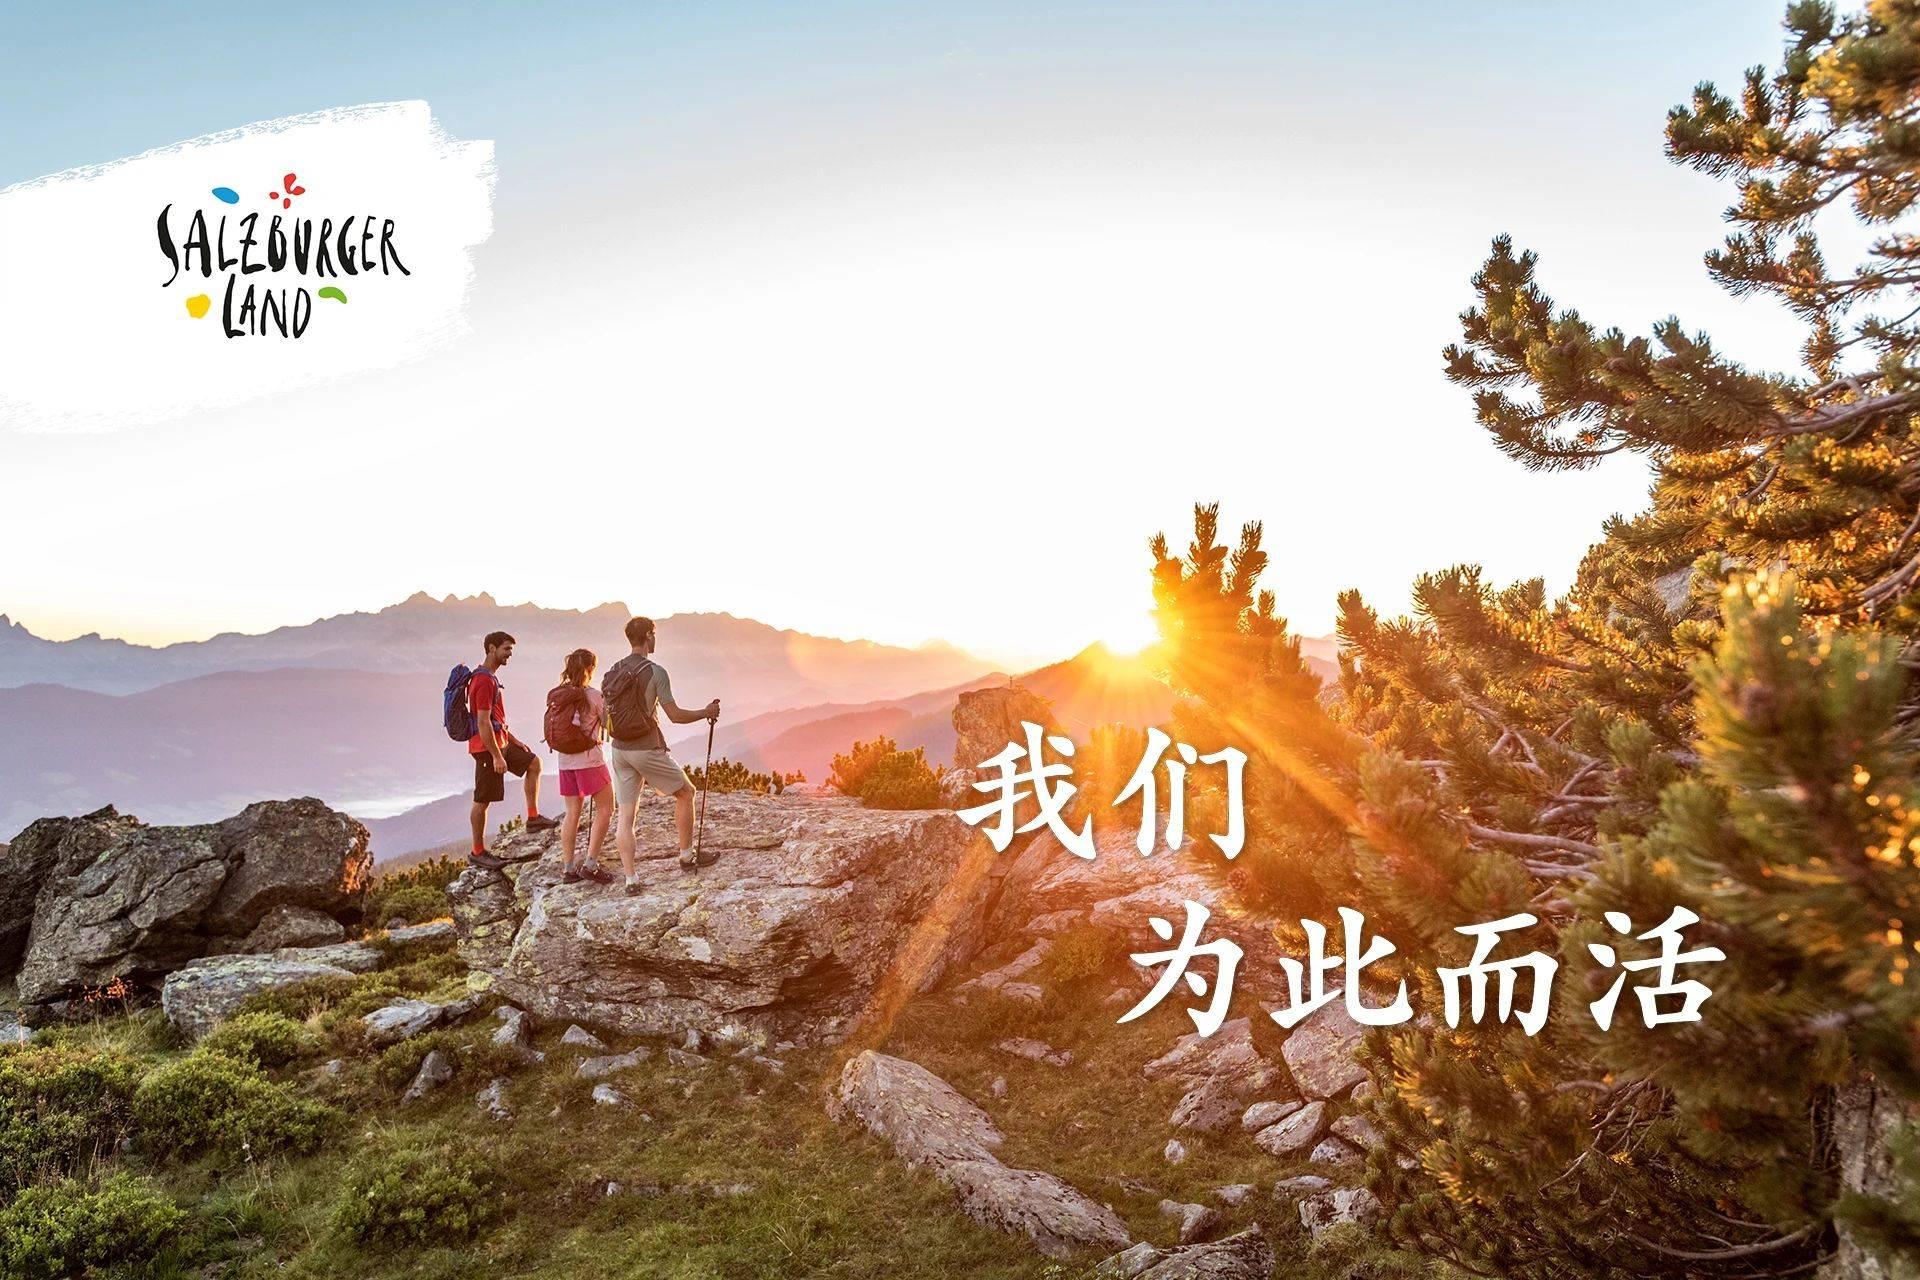 爱兜风,爱自然,爱远足,定会爱上盖洛斯高山公路(Gerlos Alpine Road)